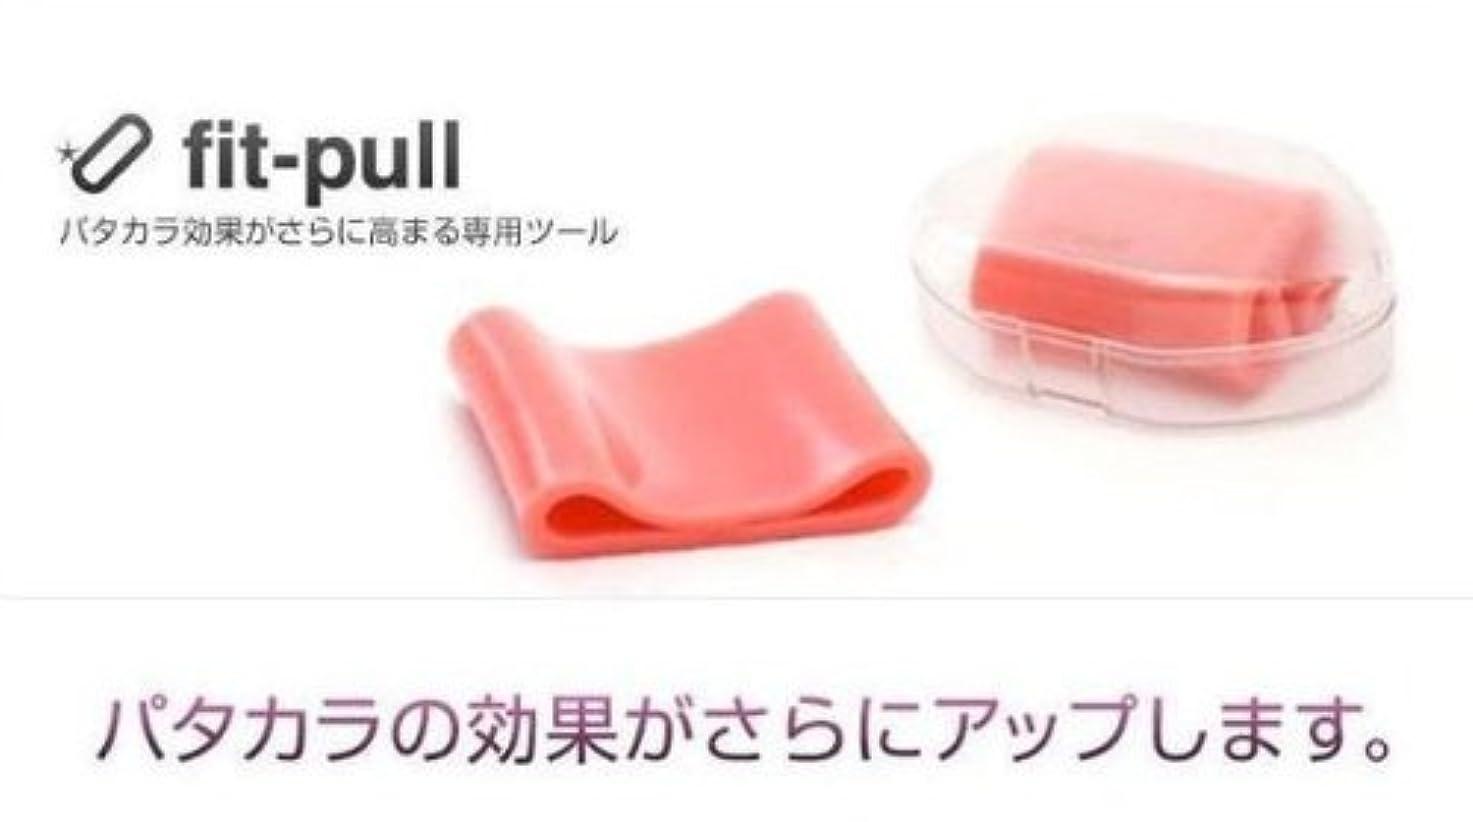 絶望的な充実内なるフィップル fit-pull 1個